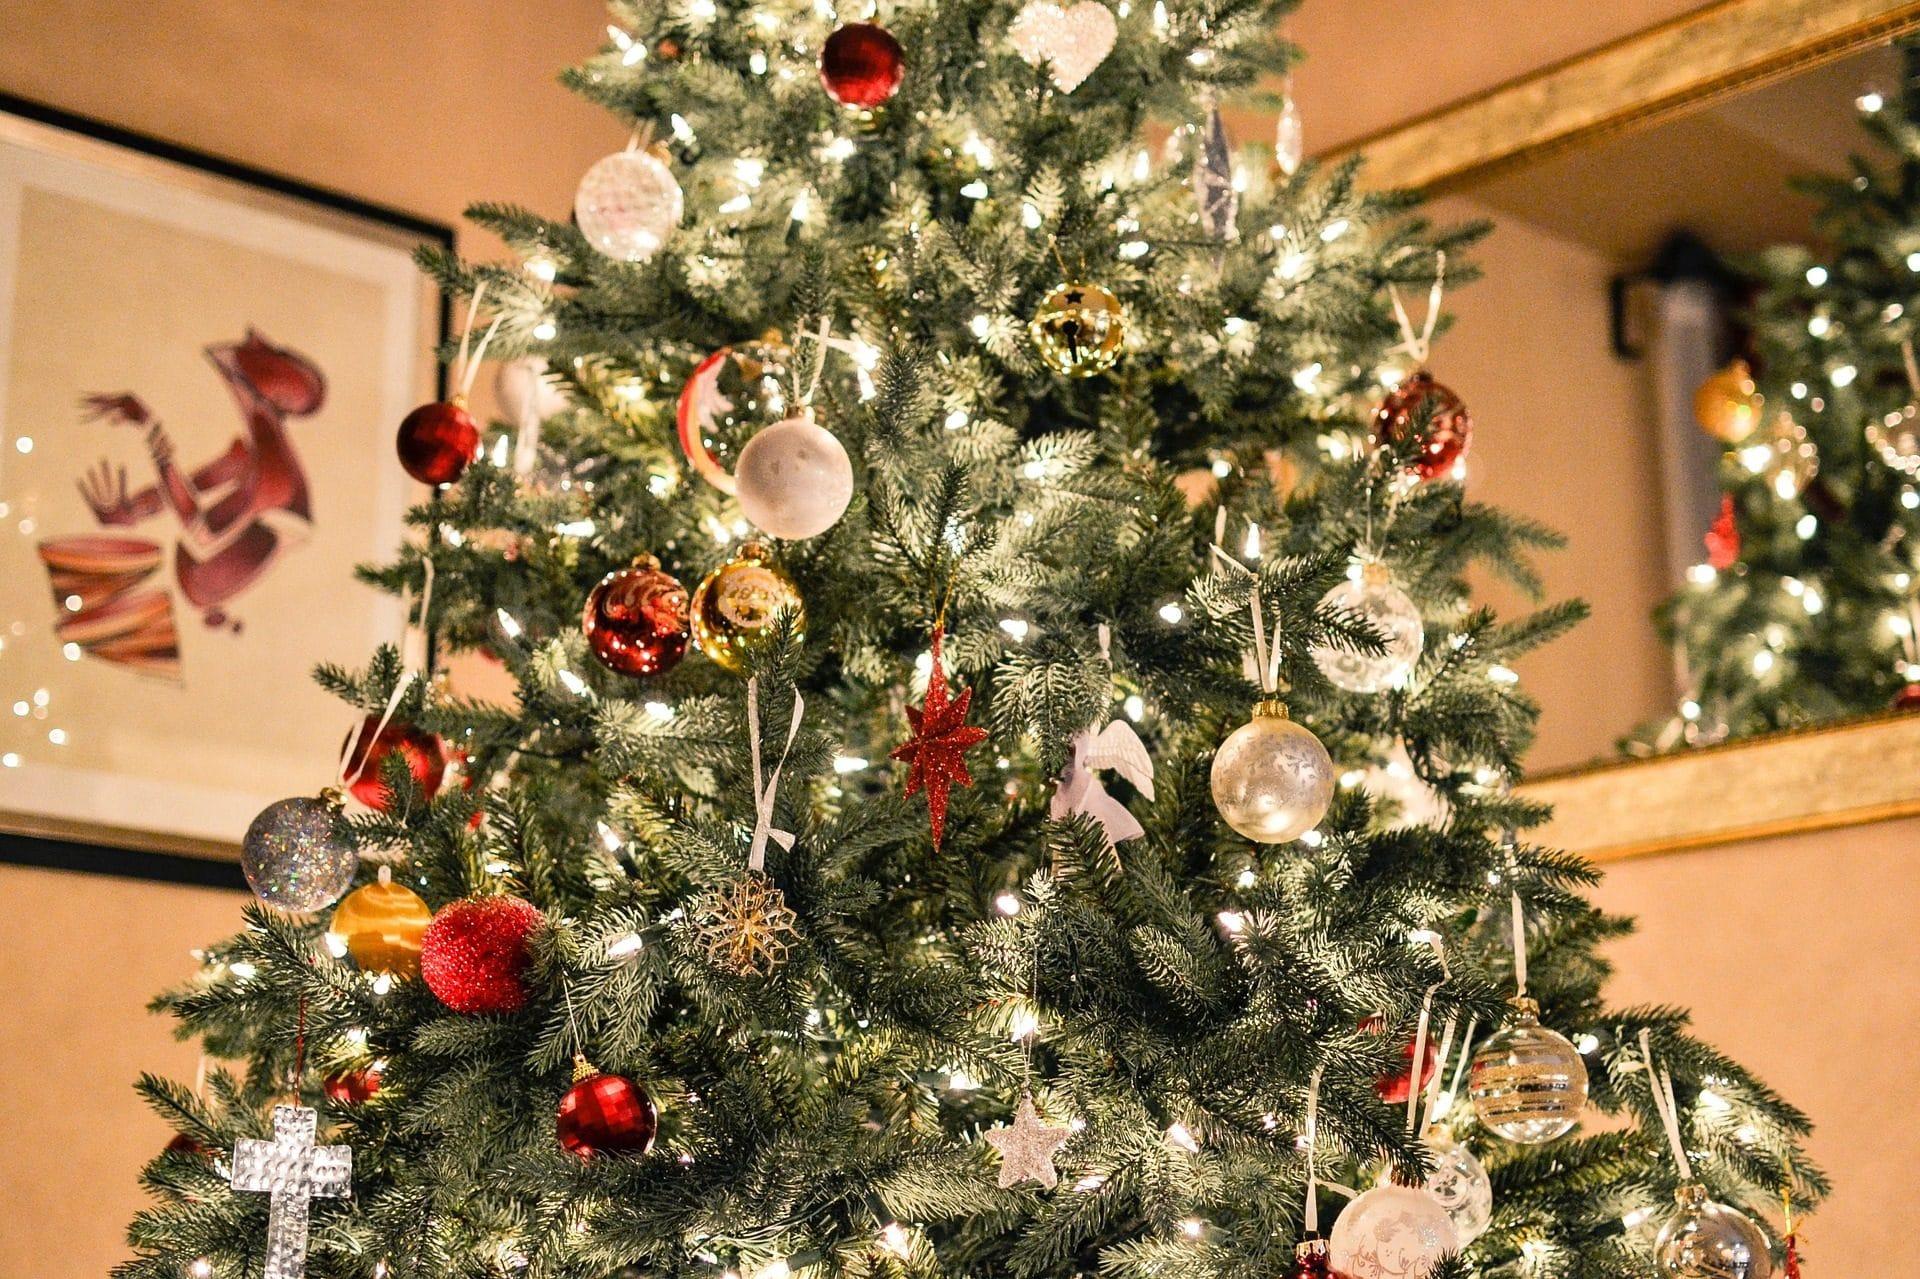 Albero Natale Decorato Rosso addobbi di natale 2019: tendenze e colori per decorare la